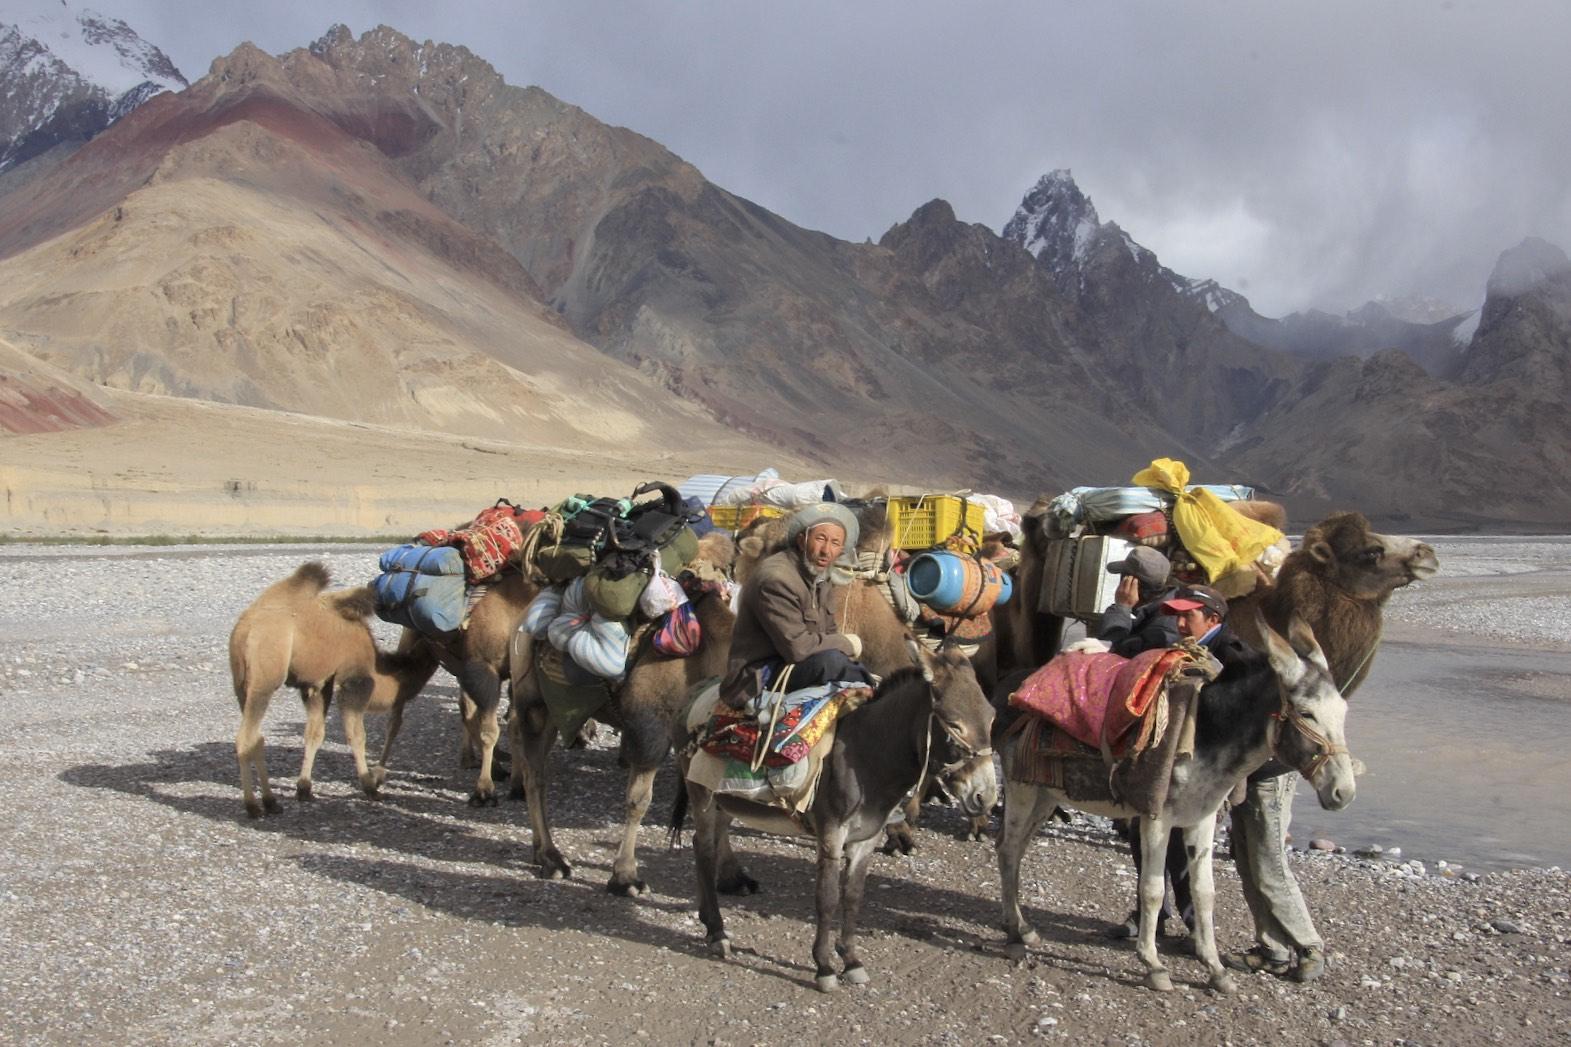 Our caravan in the Shakskam River valley